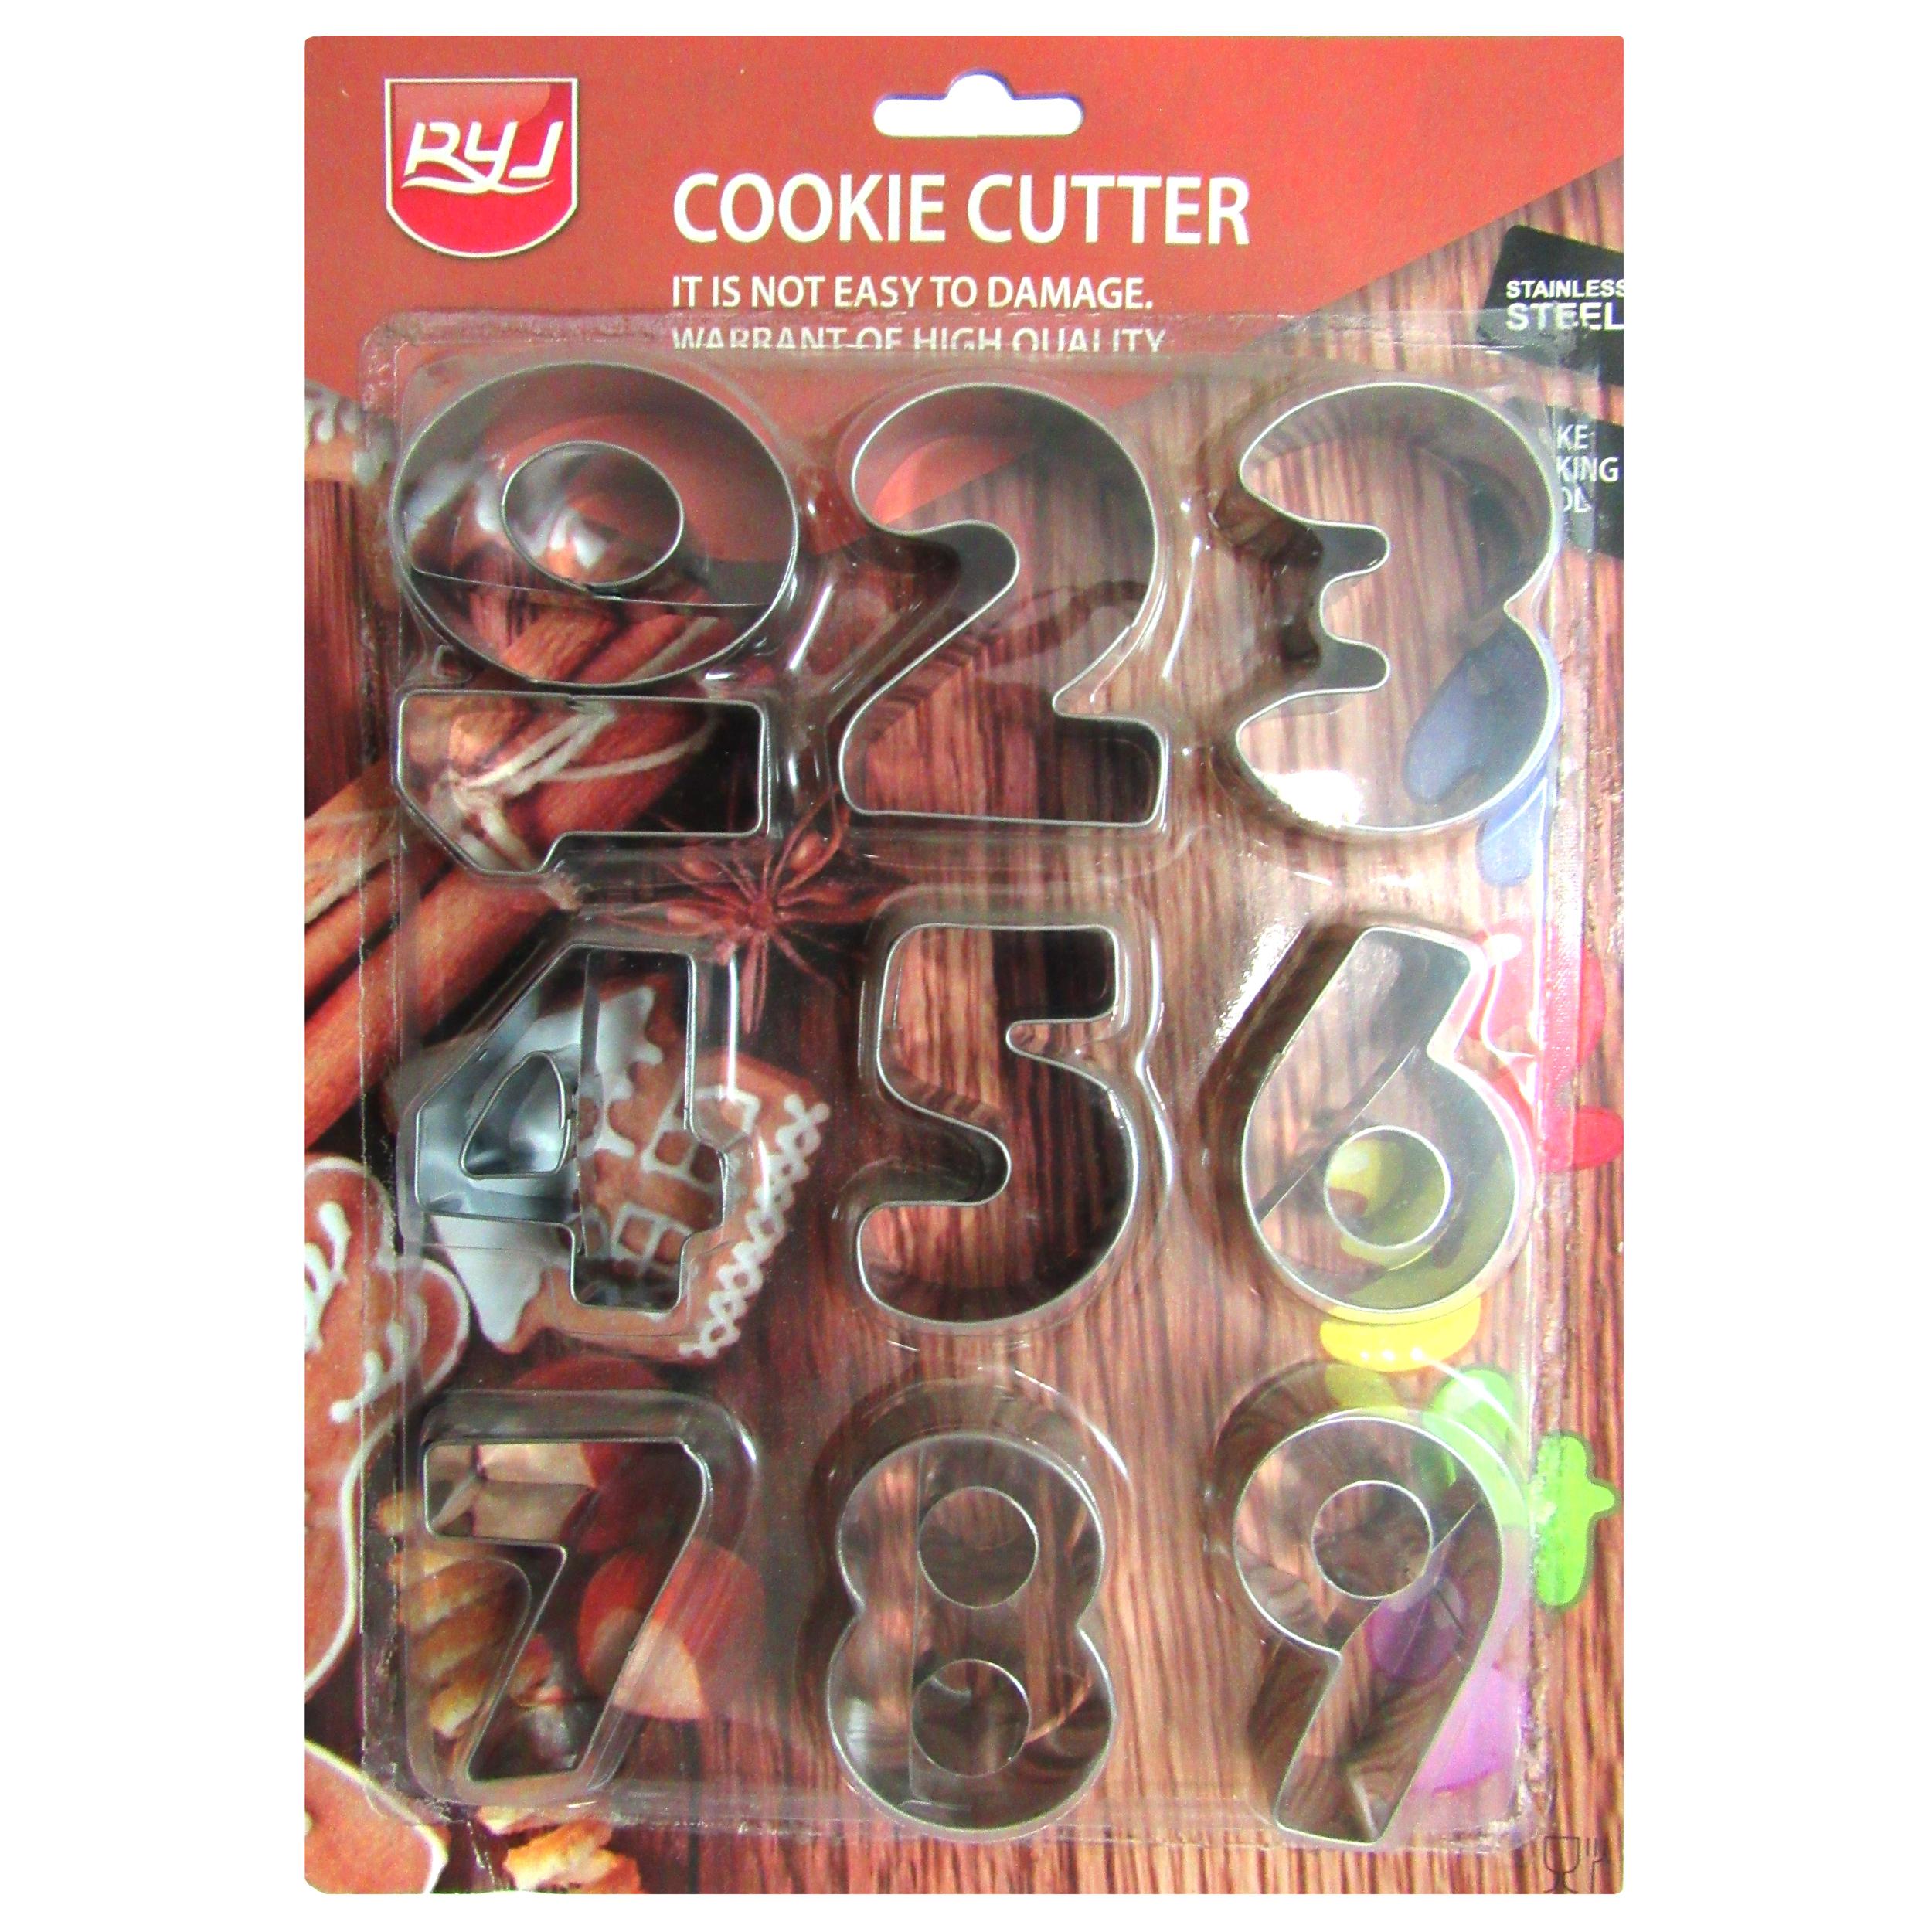 کاتر شیرینی پزی اعداد مدل Cookie Cutter مجموعه 10 عددی به همراه جا کلیدی برج ایفل